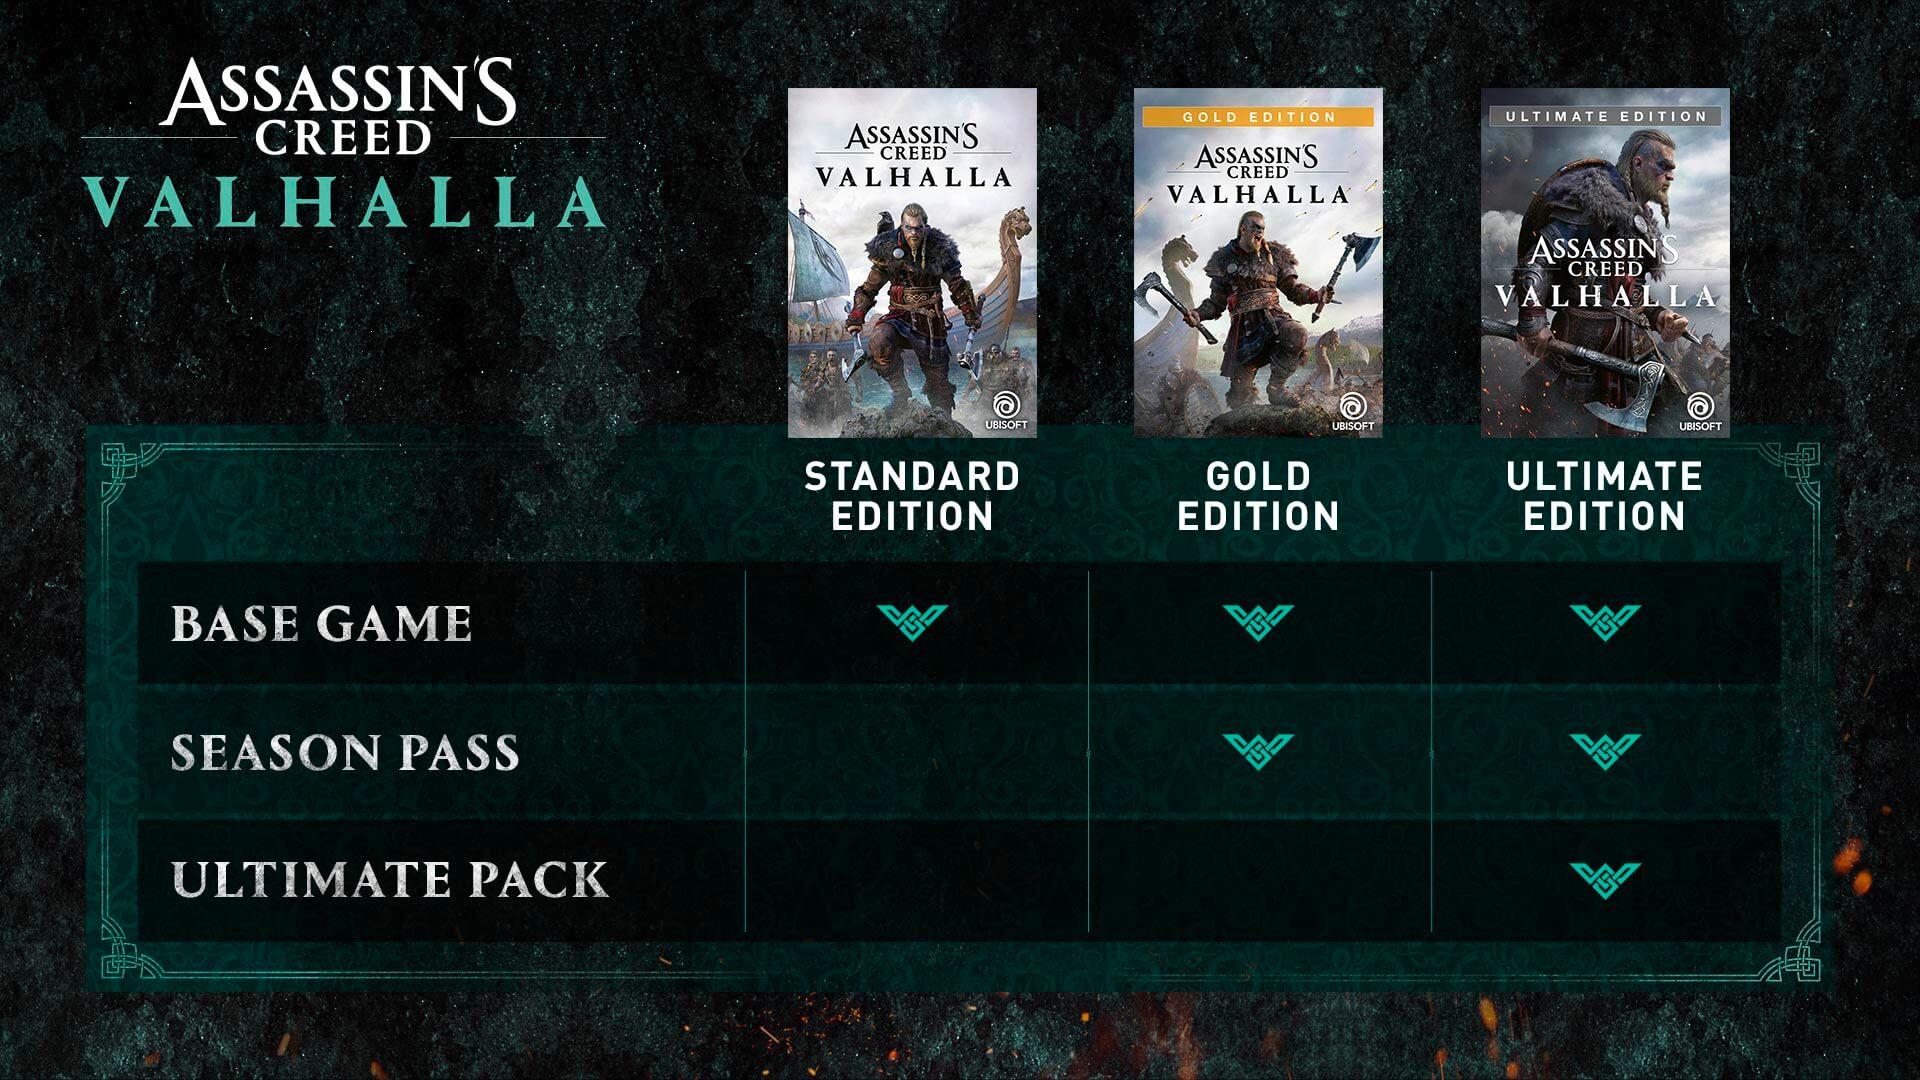 Assassin S Creed Valhalla Assassin S Creed Valhalla